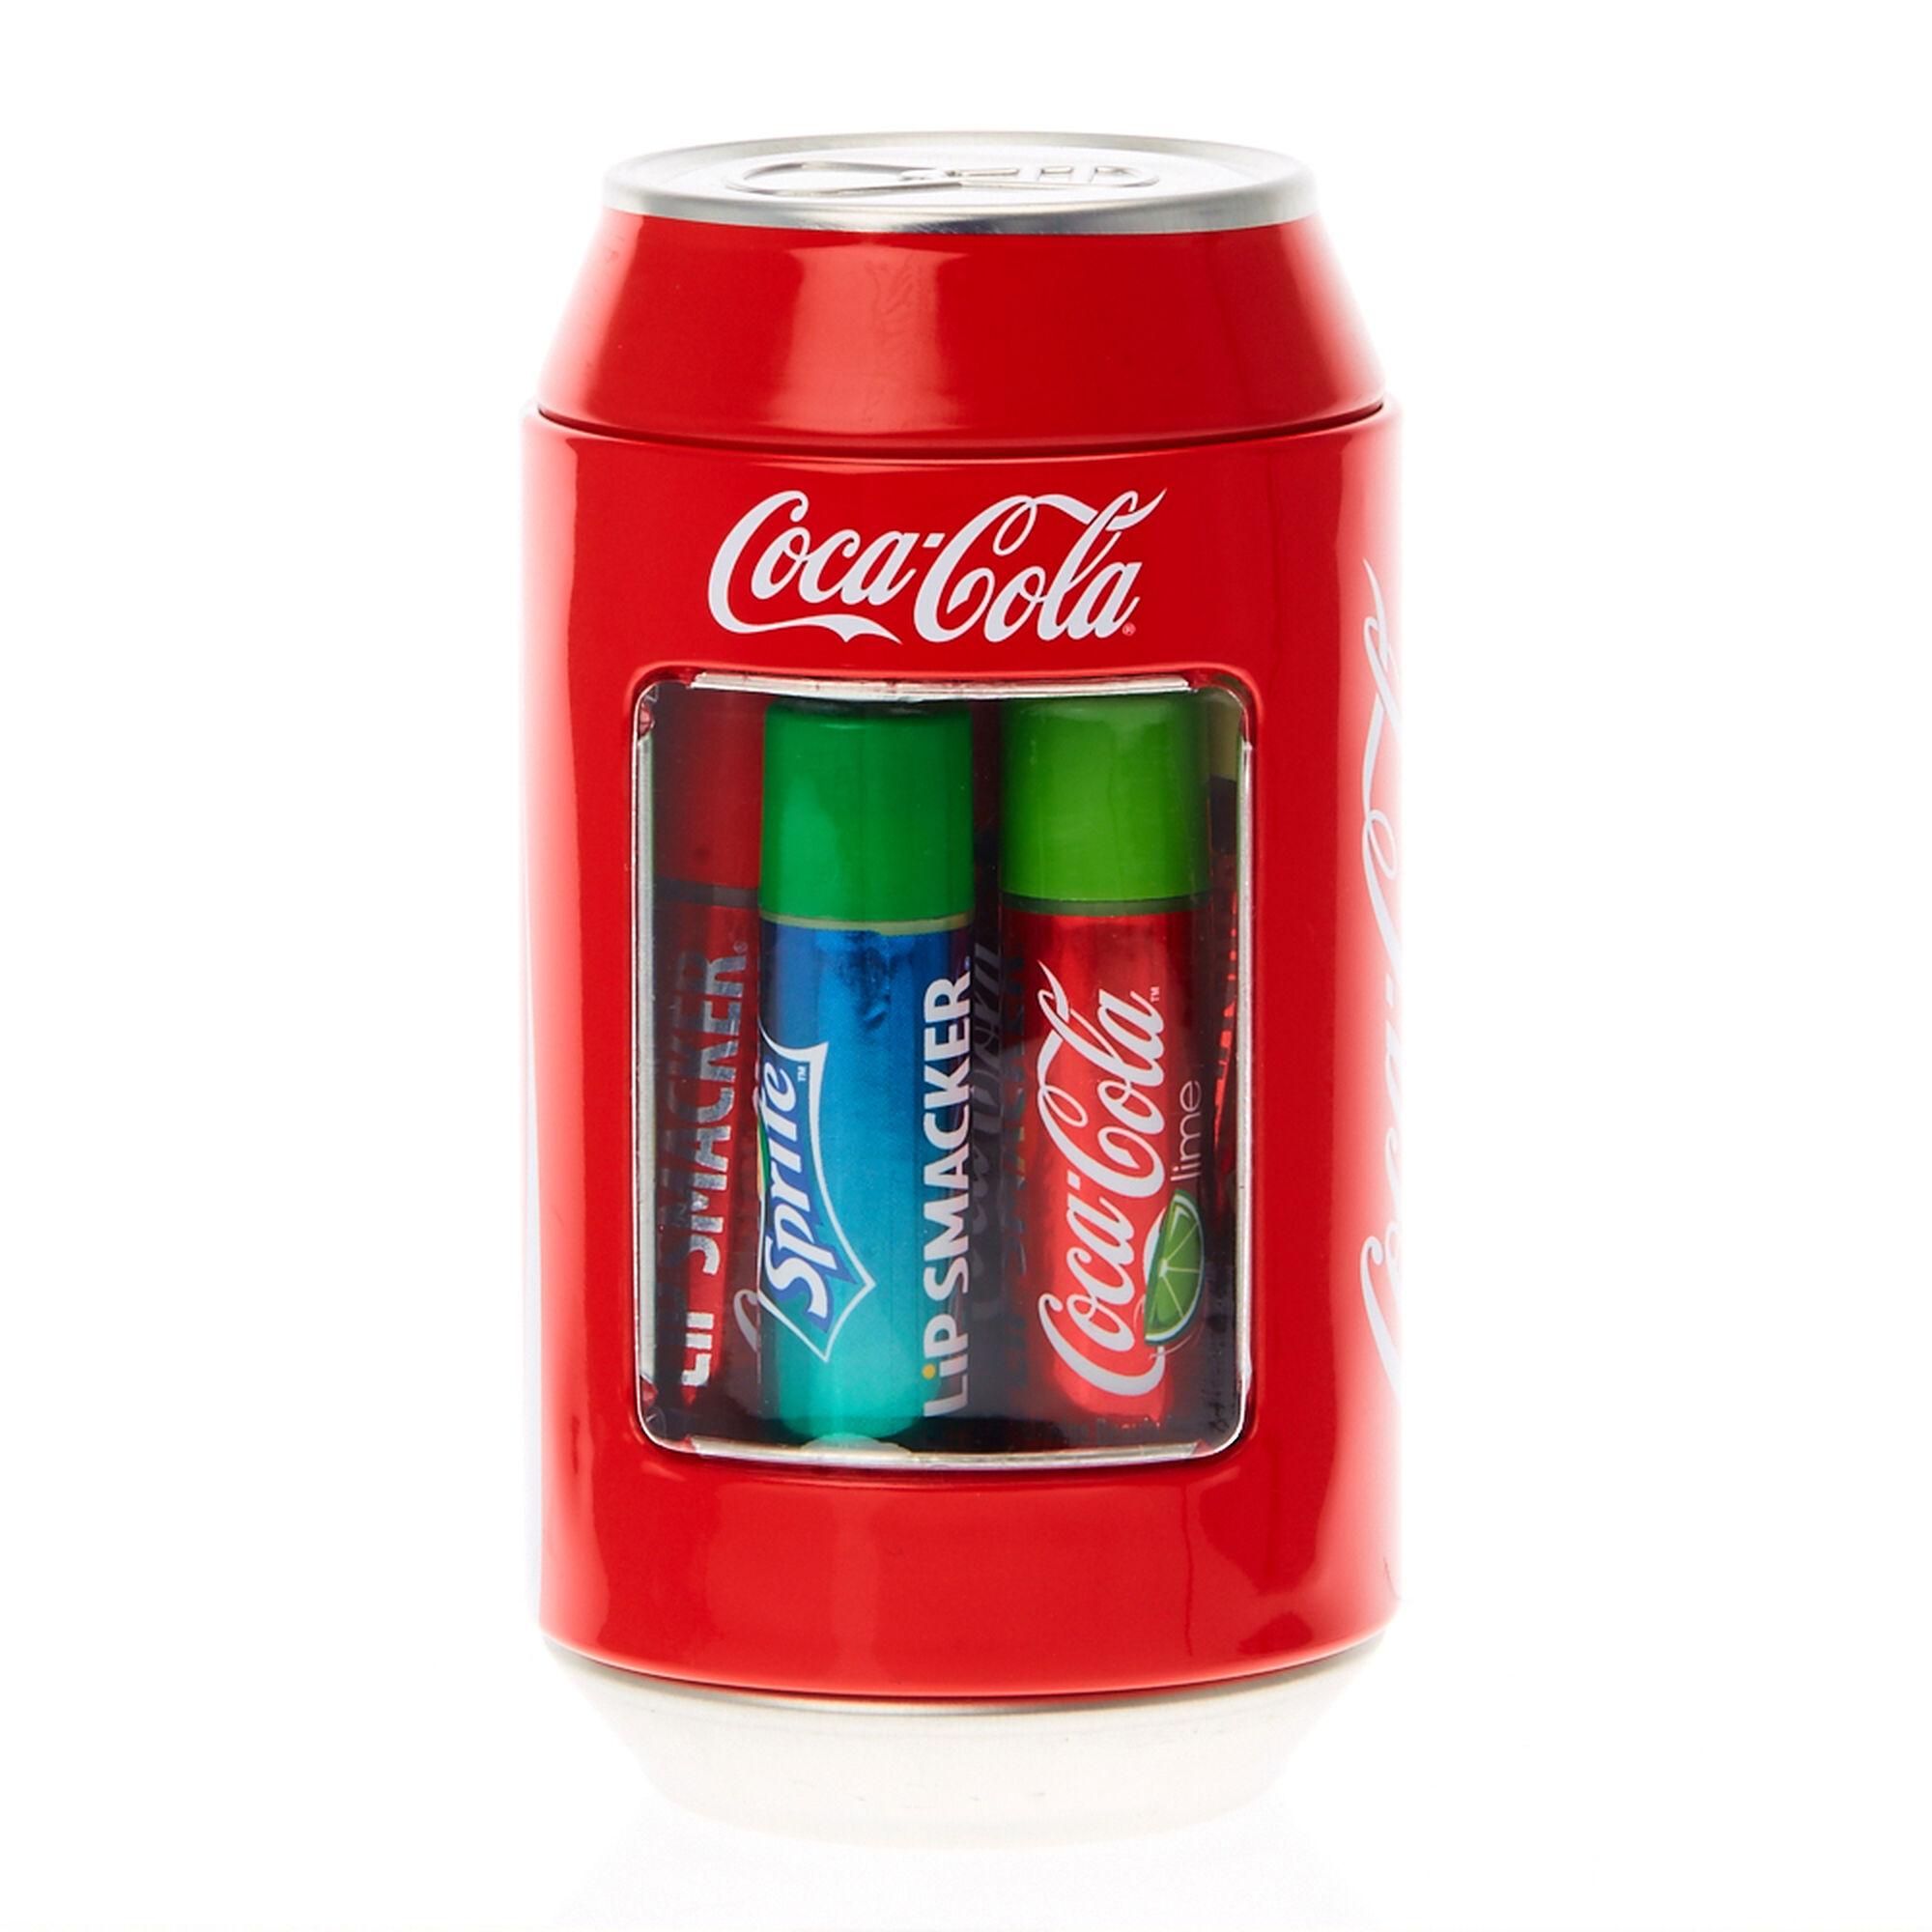 Lip Smacker Coca Cola 174 Flavored Lip Balm Can Claire S Us